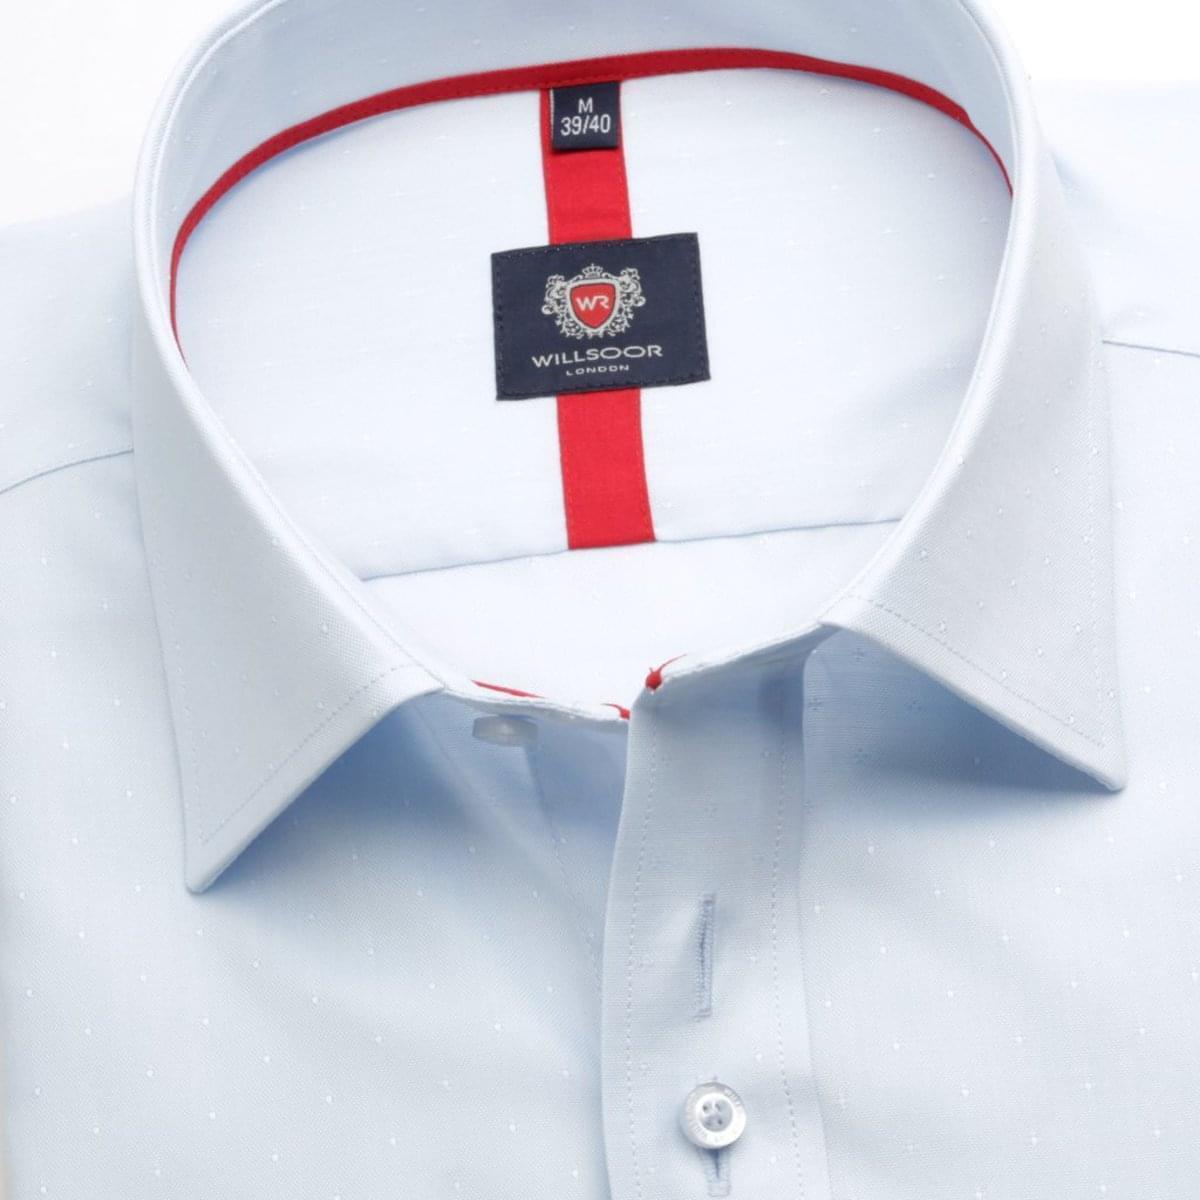 Pánská košile London v bledě modré barvě (výška 176-182) 5510 164-170 / XL (43/44) 176-182 / XL (43/44)